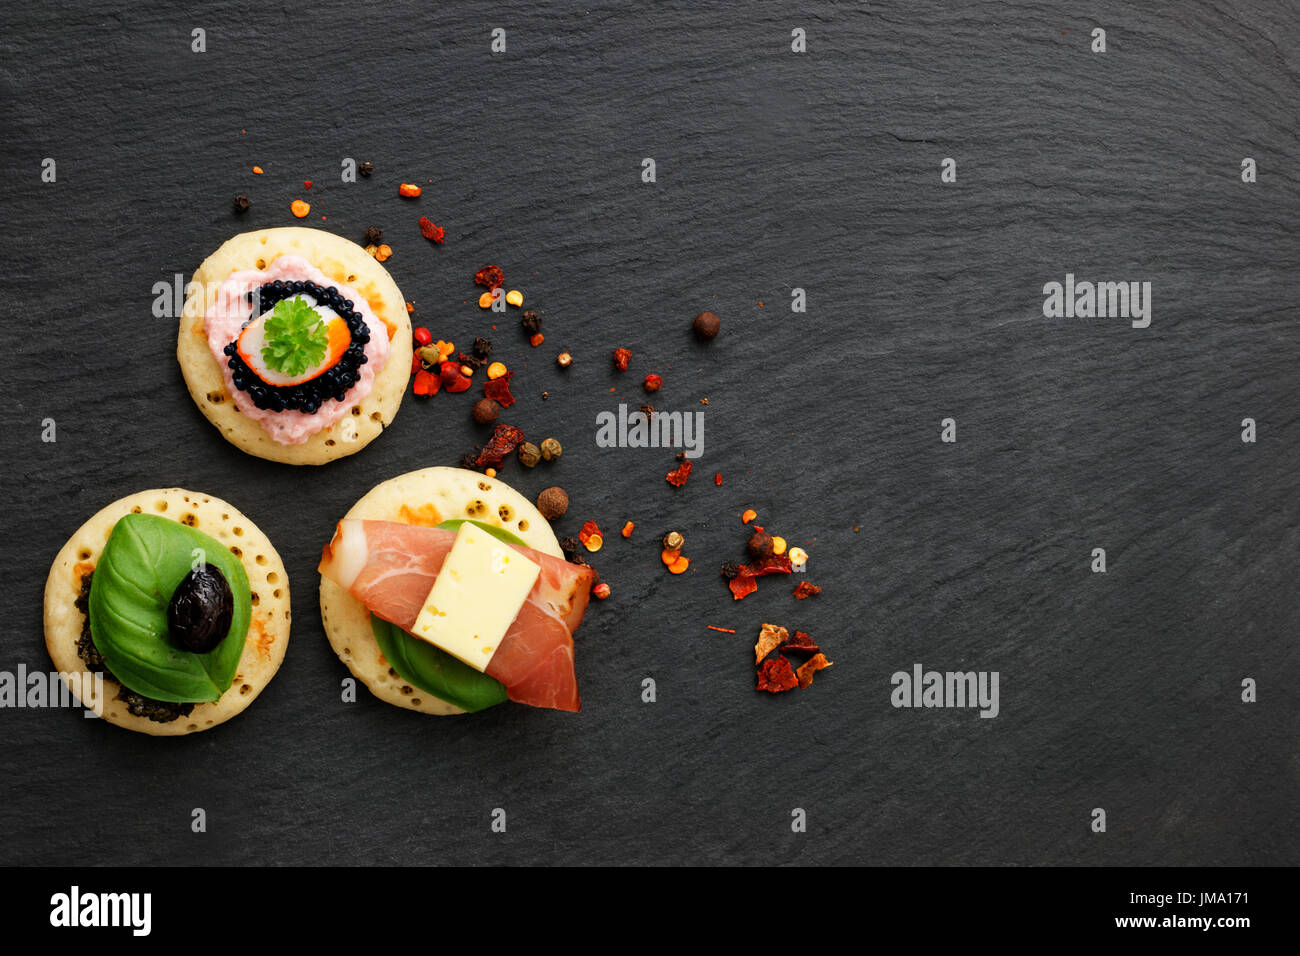 Crêpes maison canapes sur ardoise plaque de pierre de finger food party Photo Stock